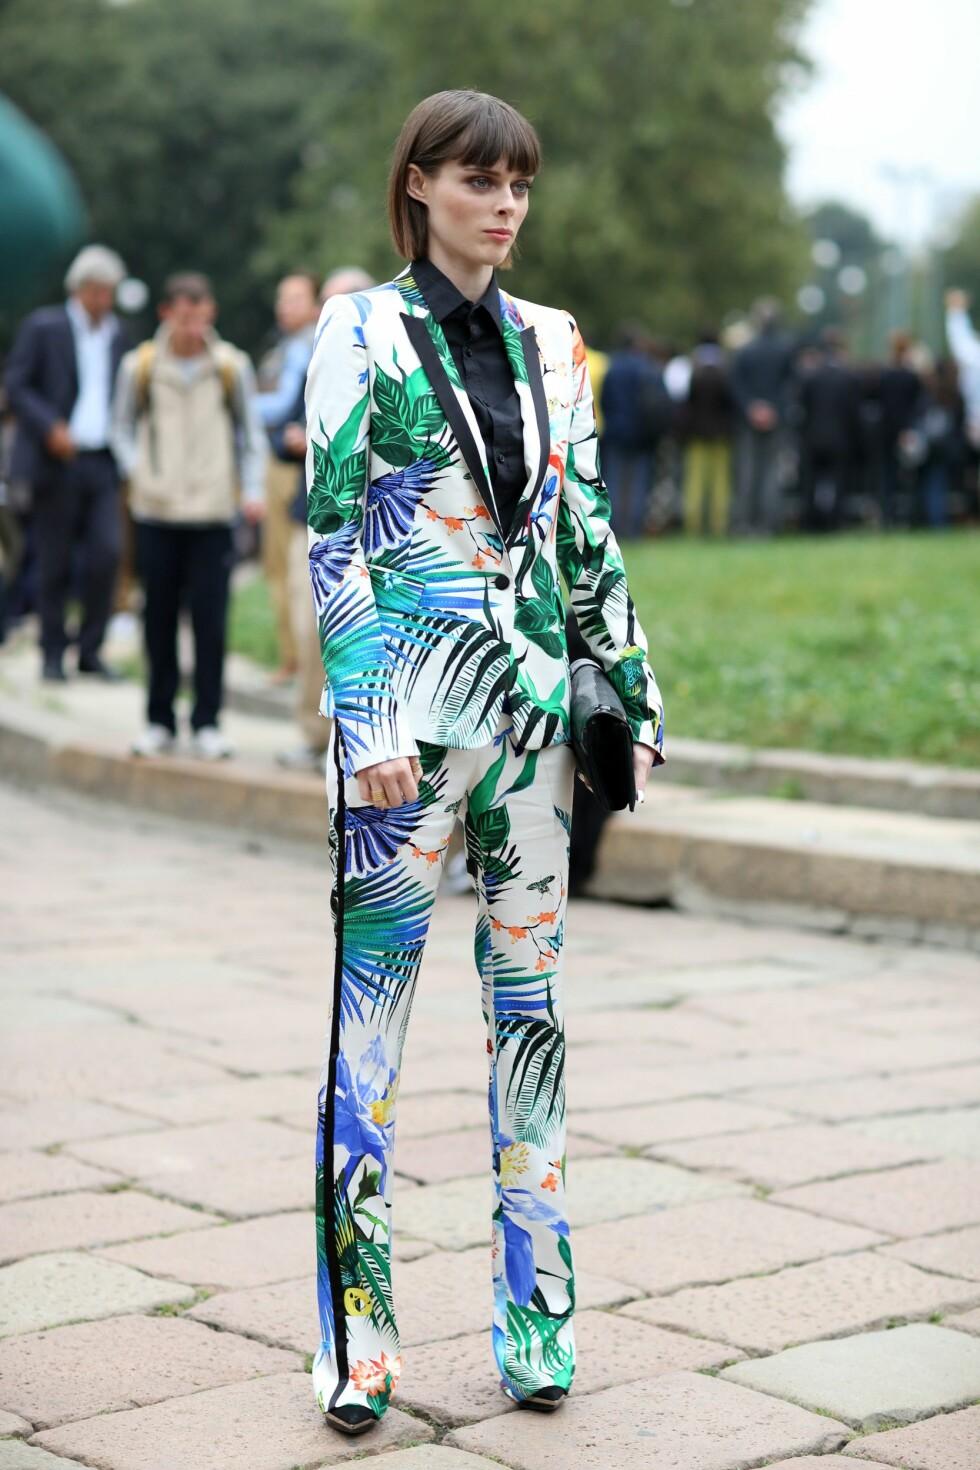 HEFTIG PRINT: Tør du ta den helt ut som Coco Rocha? Hvis du har litt mønster-skrekk kan du enten velge jakken eller buksen og kombinere det med en nøytral farge. Foto: REX/Silvia Olsen/All Over Press